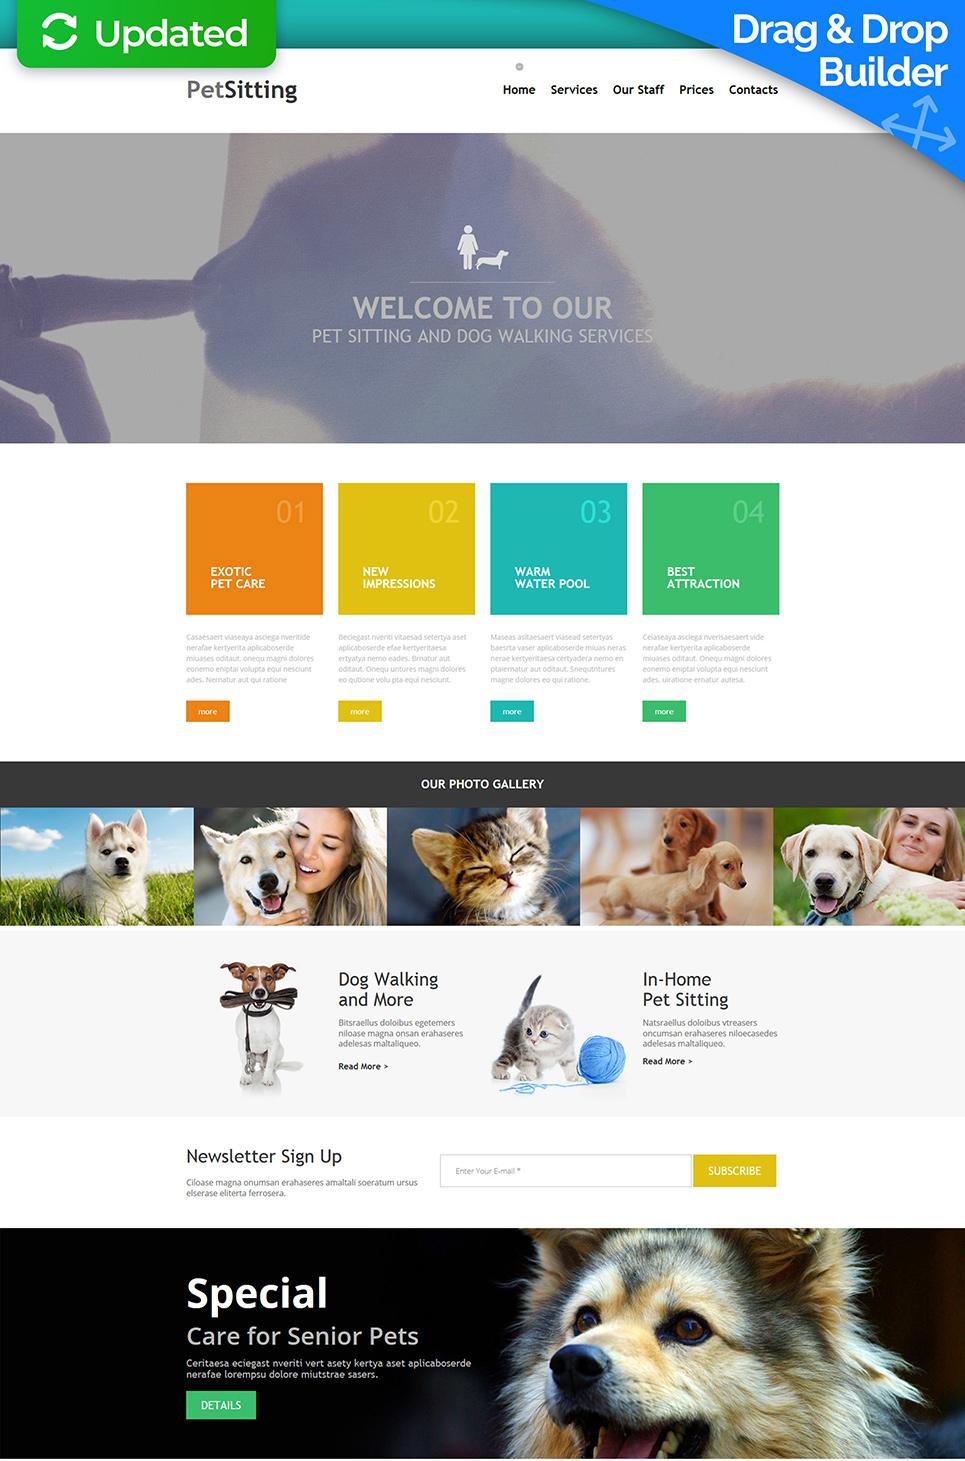 Diseño de sitio web para cuidadores de perros - image